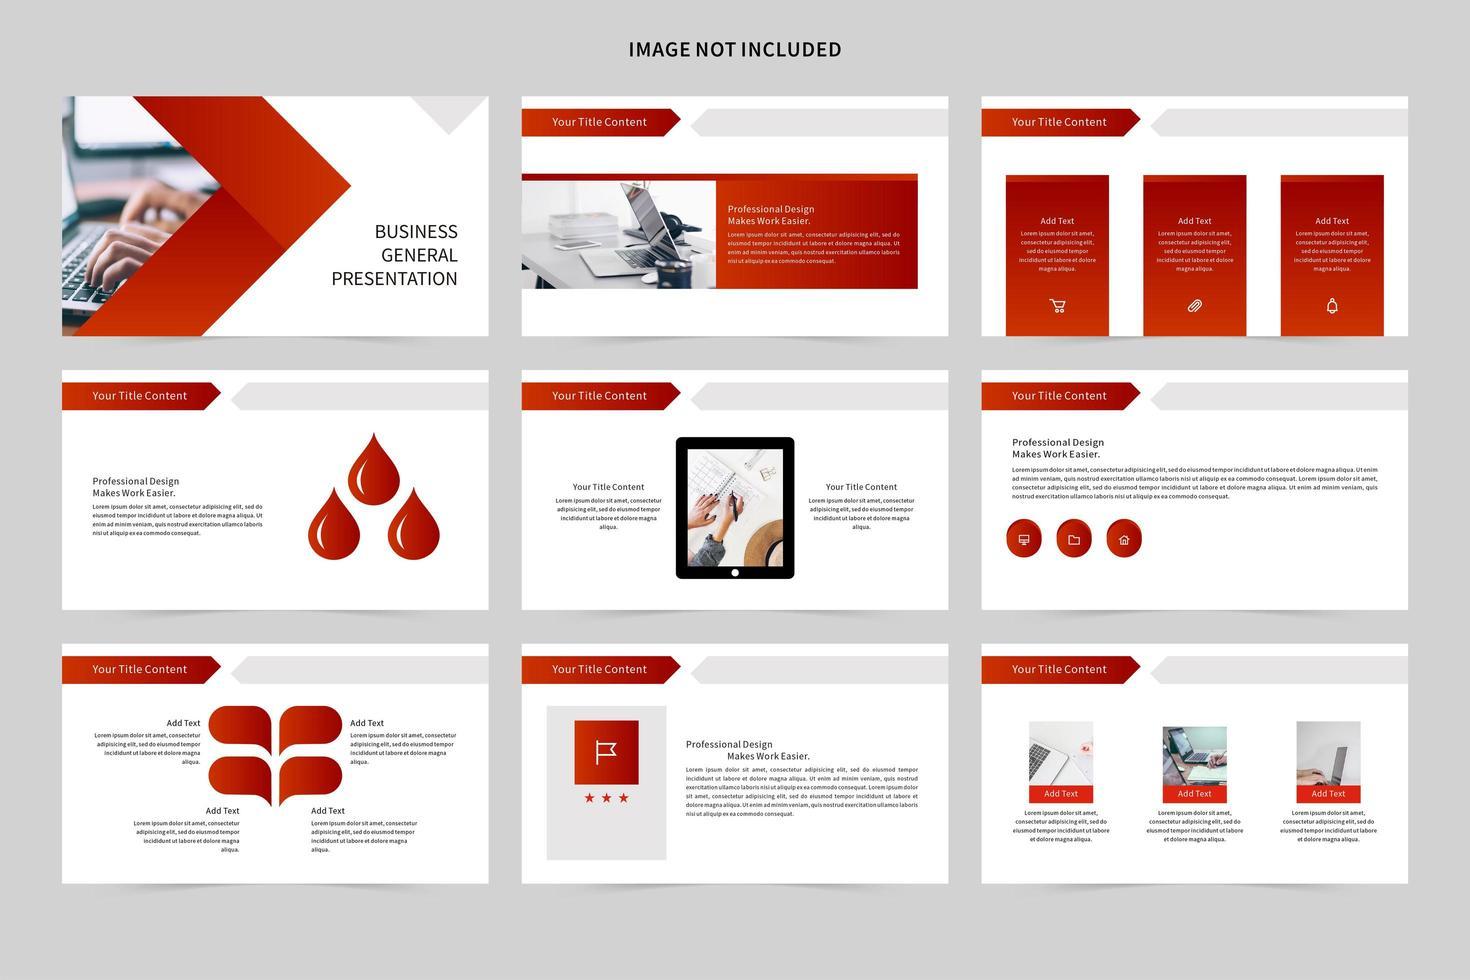 presentazione slide aziendale bianca e rossa vettore